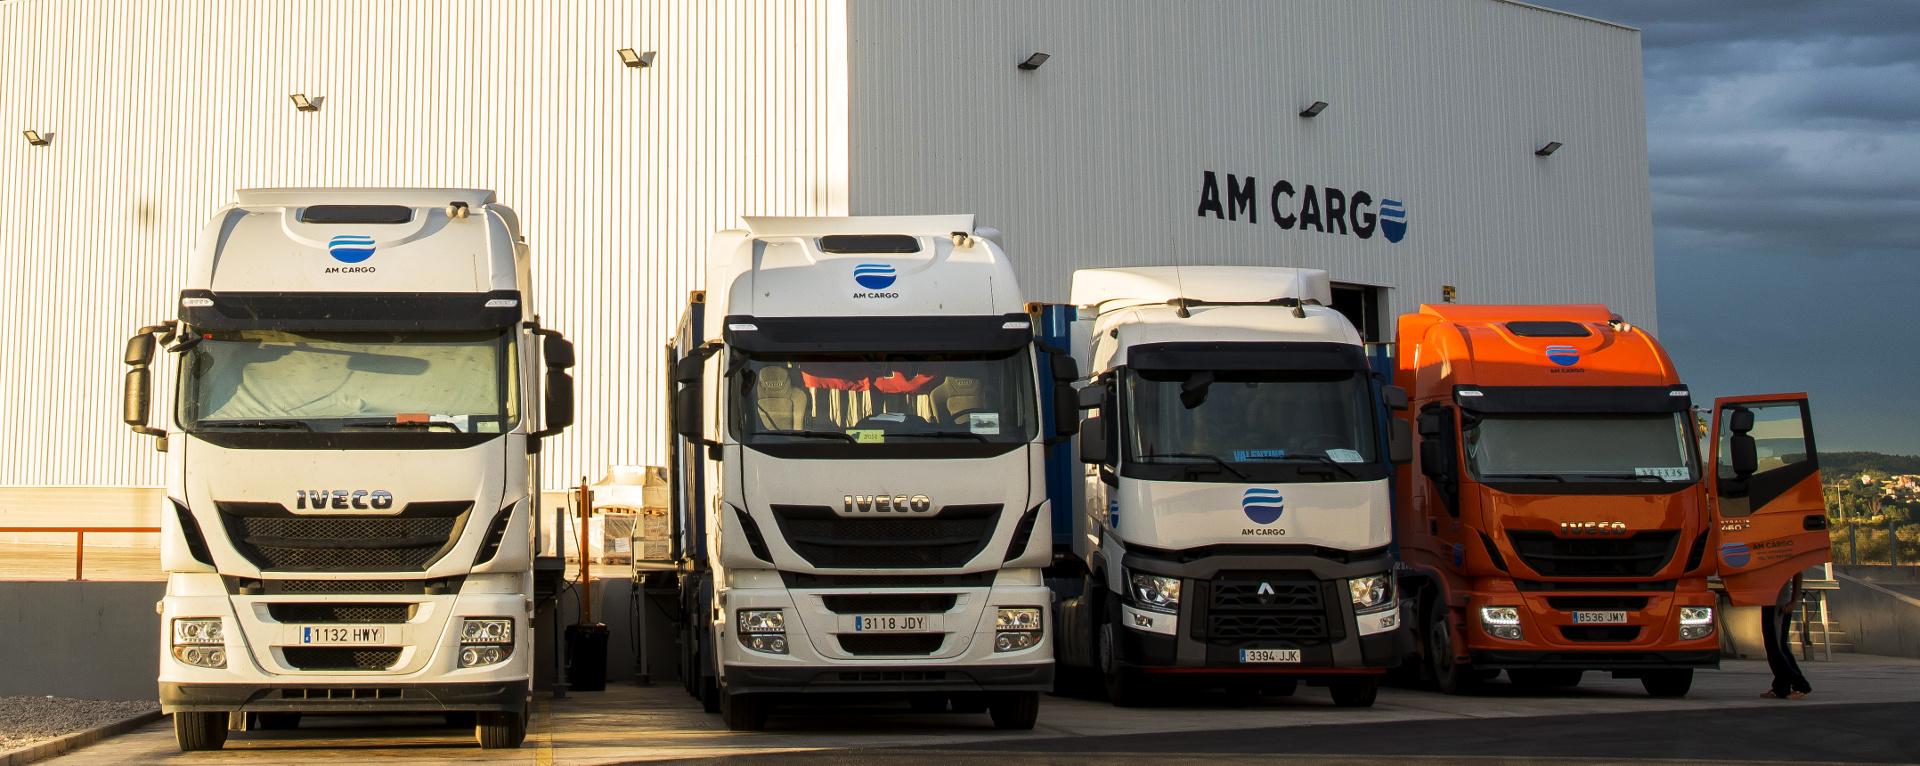 Flota de camiones AM Cargo